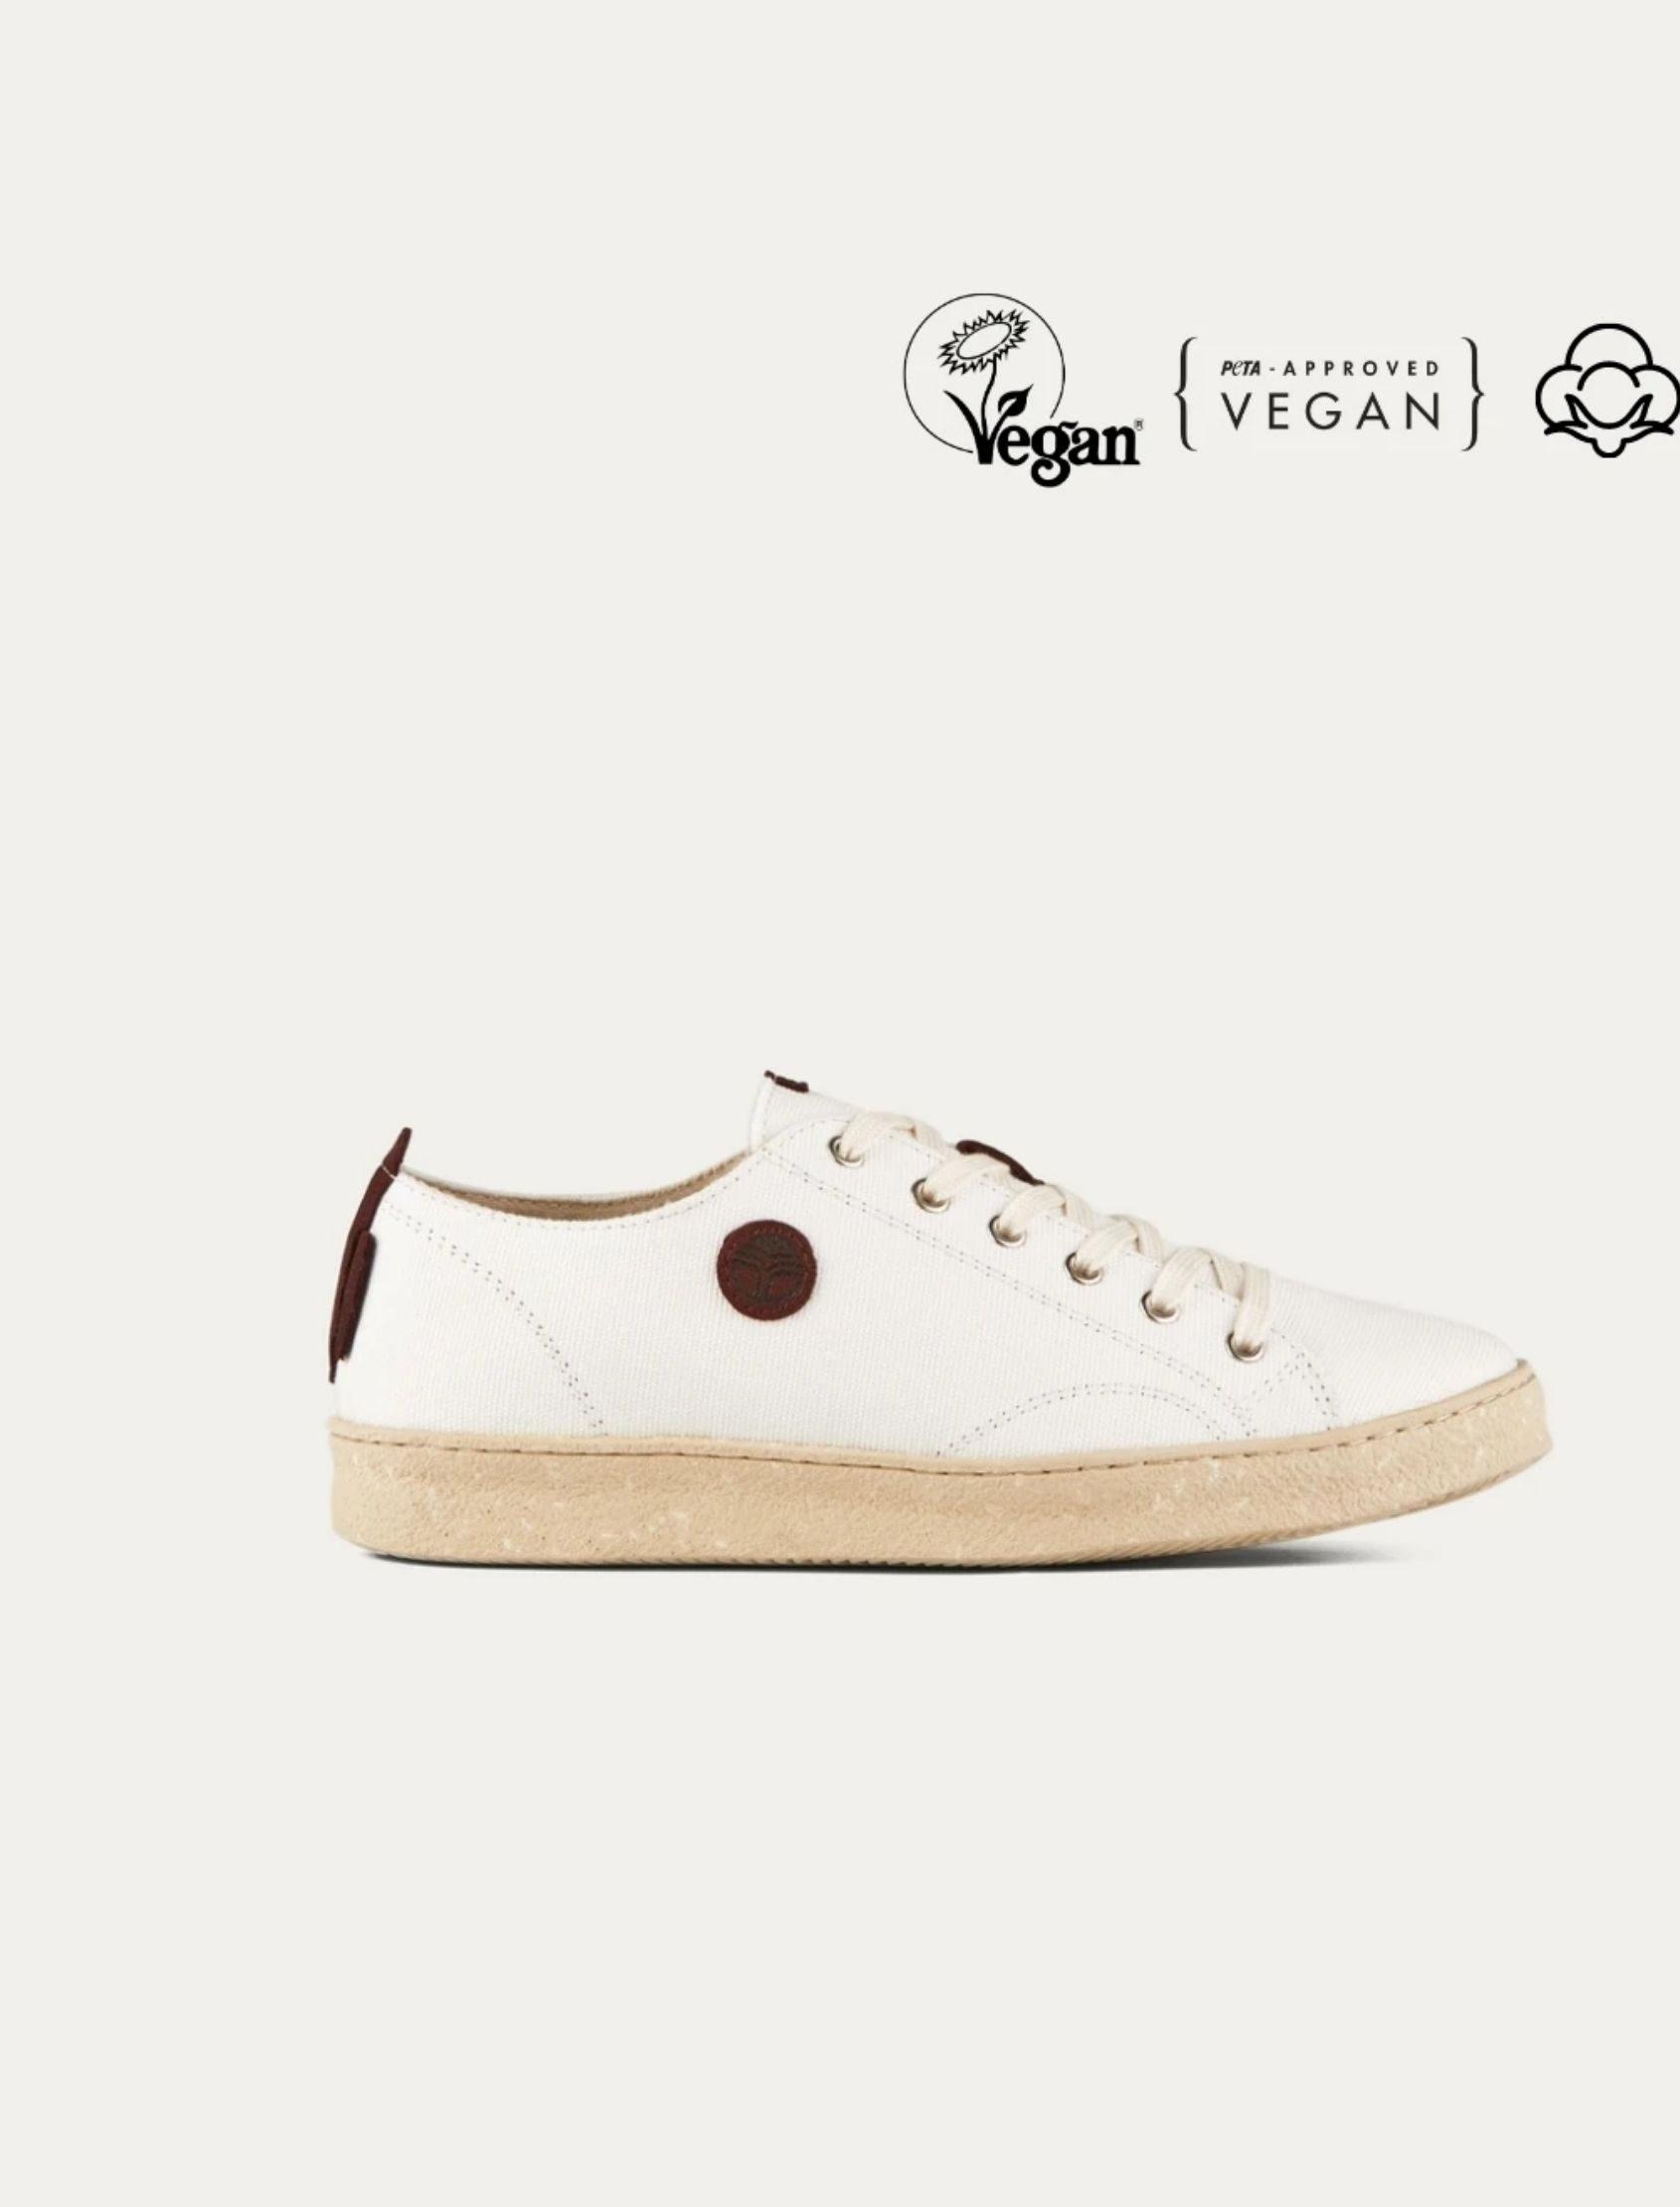 zapatillas life borgogna en oclor blanco con detalles marrón de beflamboyant